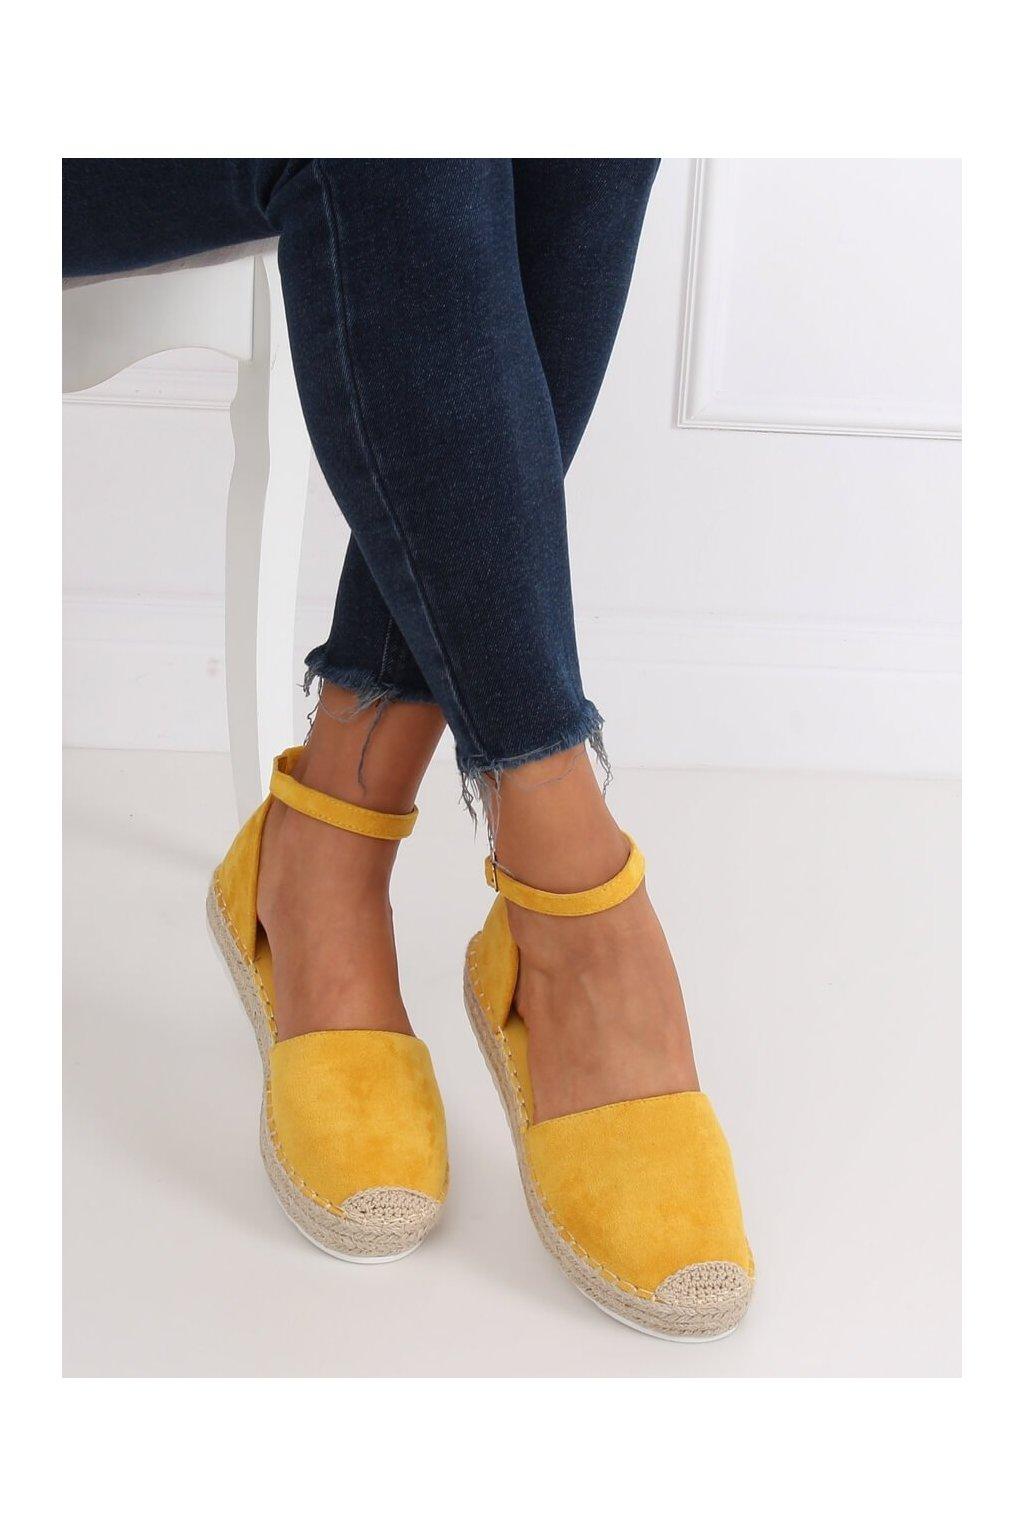 Dámske sandále žlté na plochom podpätku NJSK JH95P